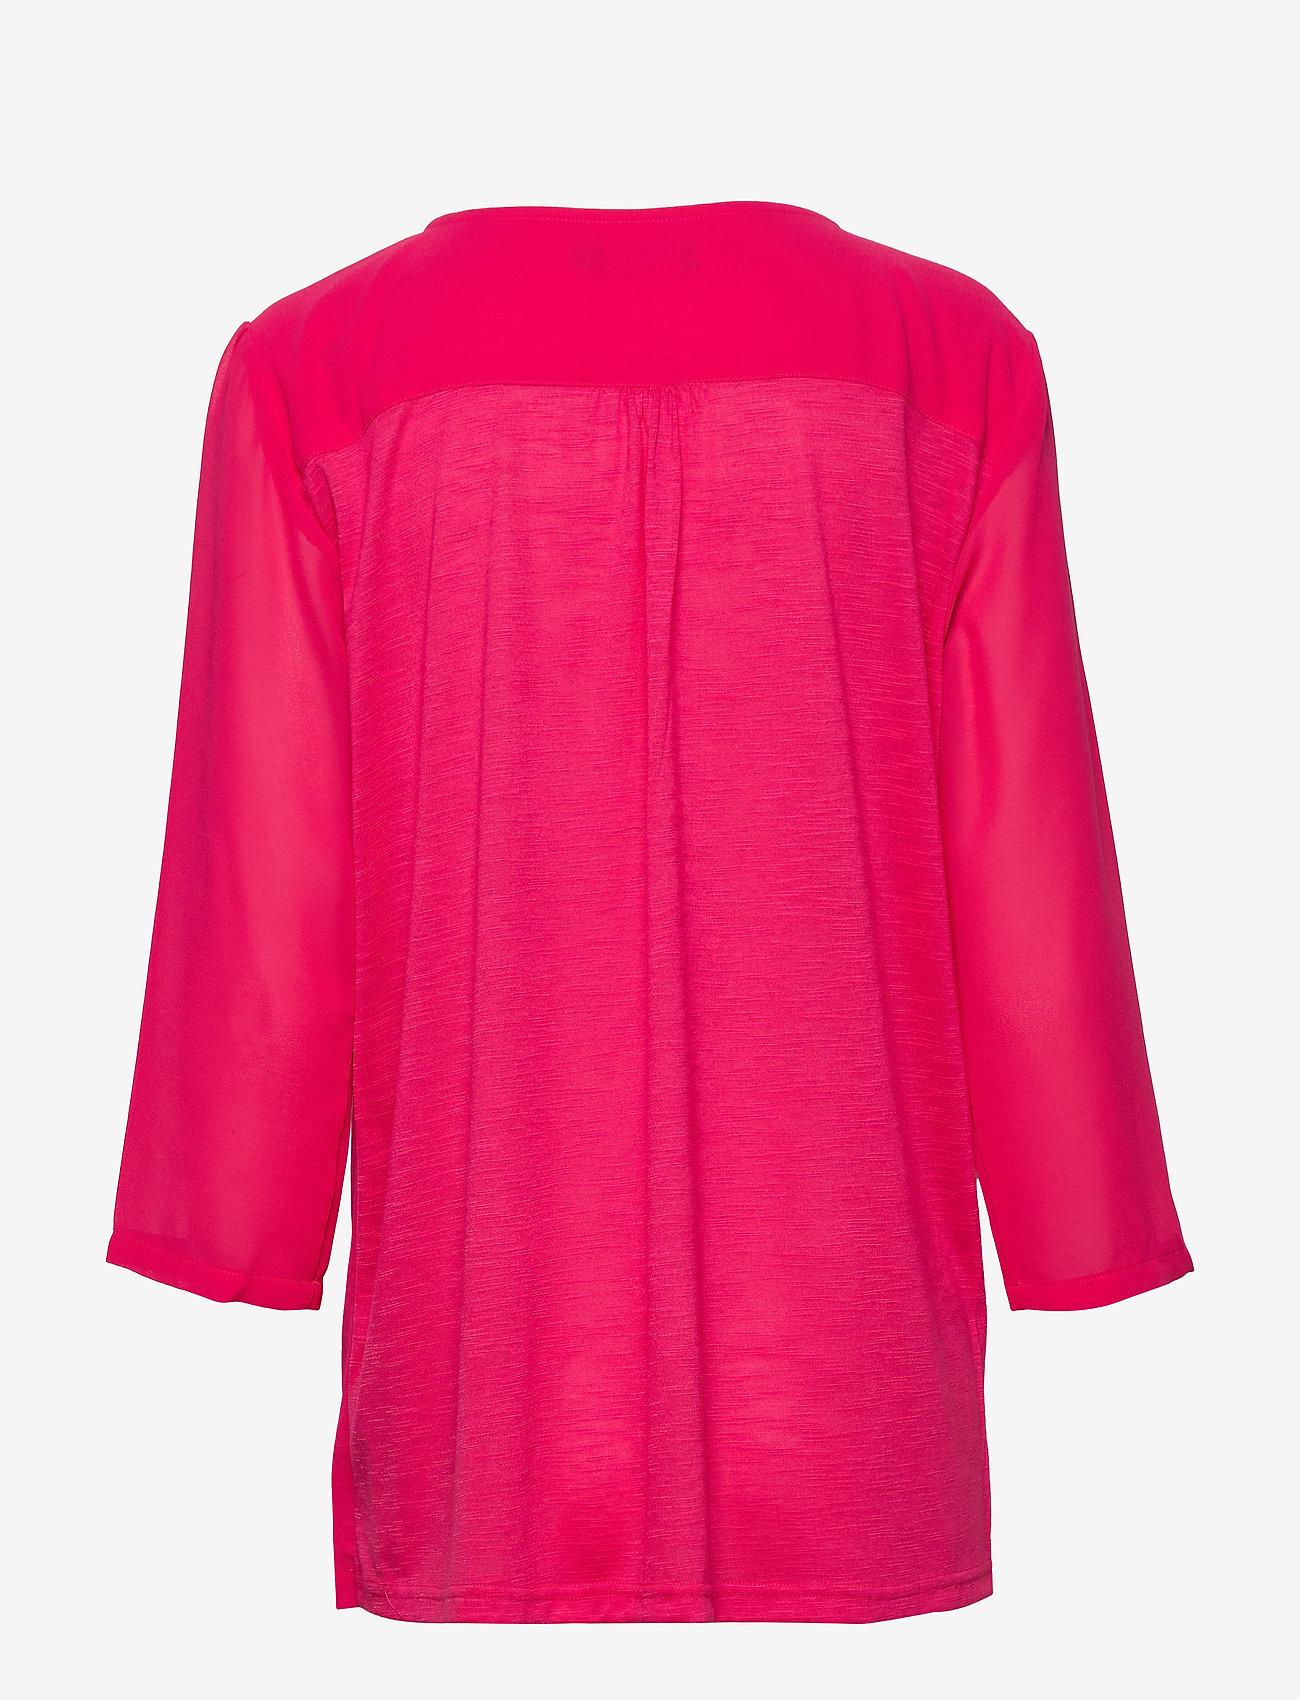 Fransa Zawov 1 Blouse - Bluzki & Koszule TEABERRY - Kobiety Odzież.